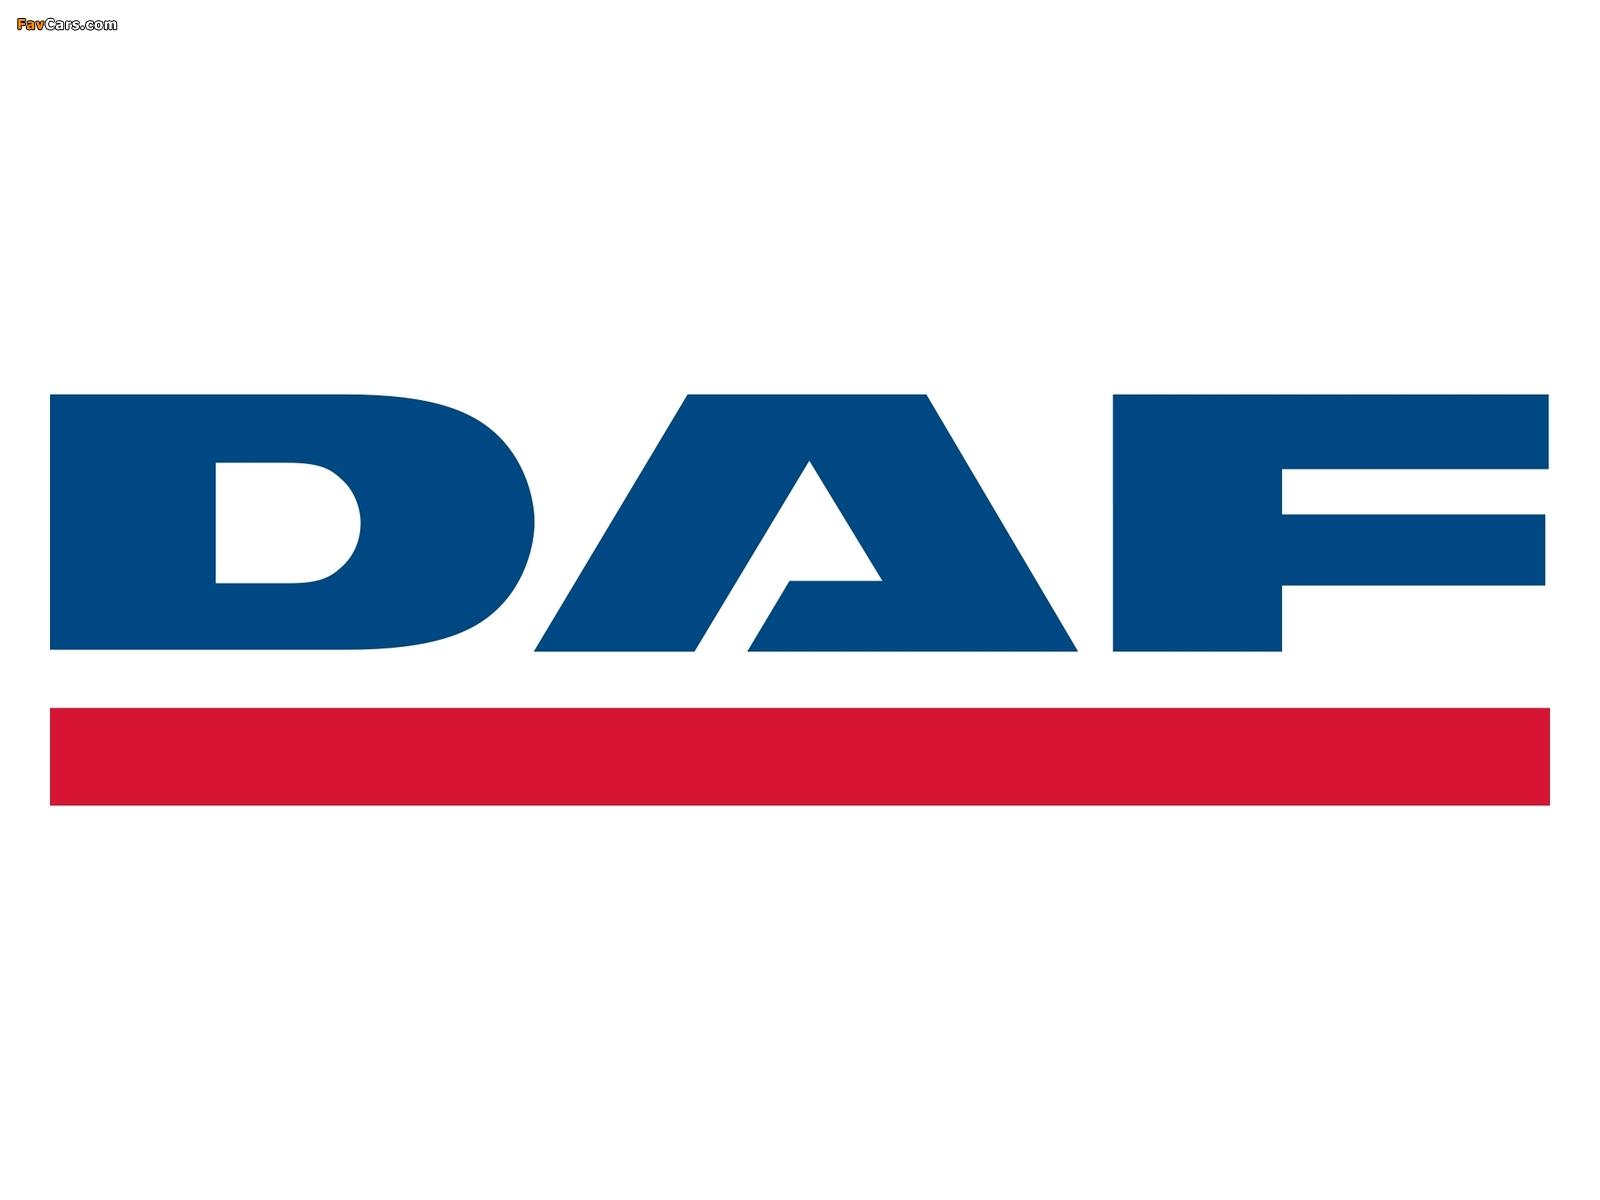 DAF photos (1600 x 1200)